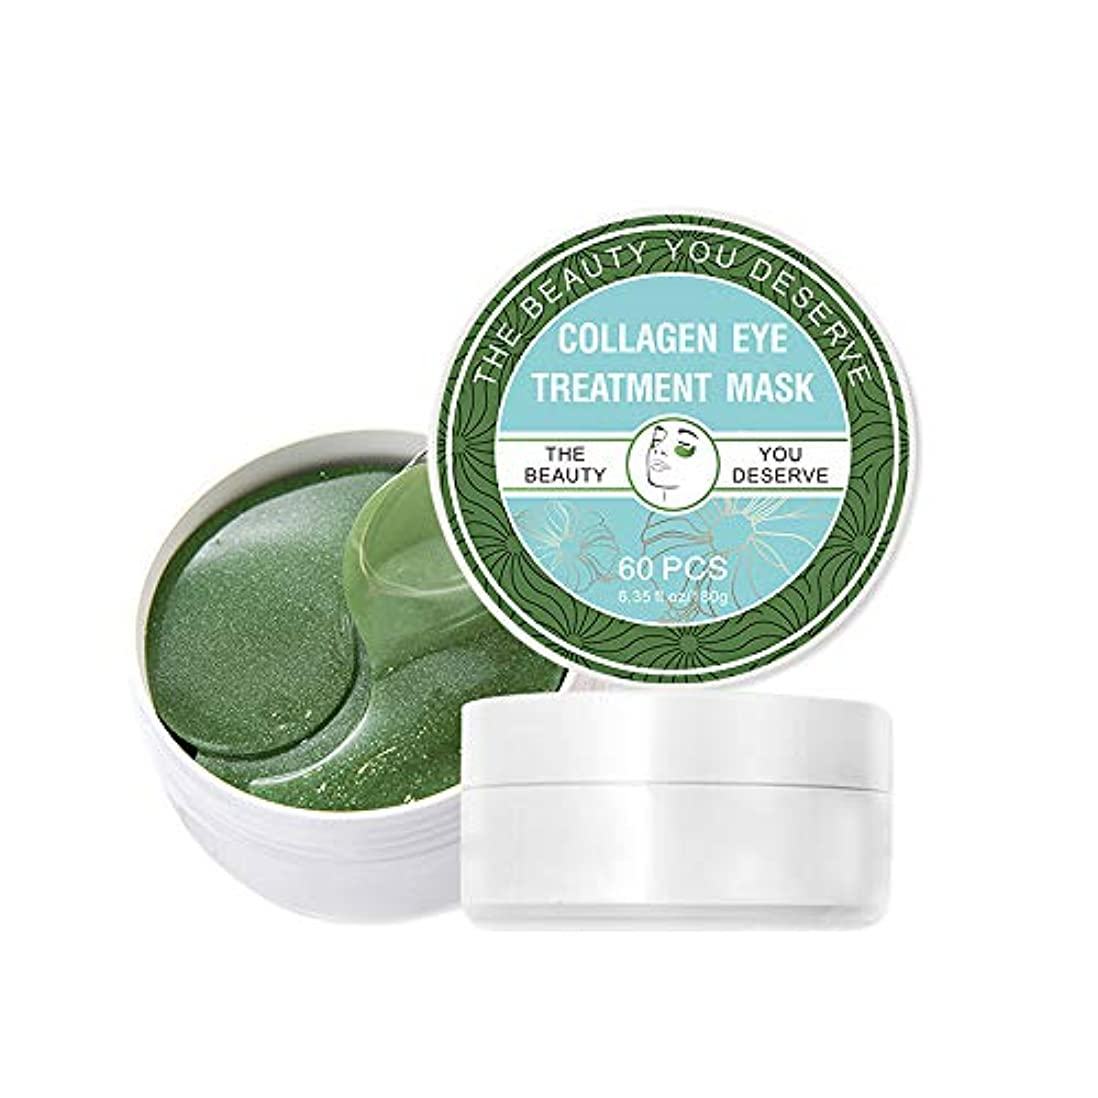 ジョットディボンドンチップ巨大保湿&ダークサークルの削減のためのアイトリートメントマスクコラーゲンアイマスク海藻ゲルコラーゲンアイパッチの下のアイジェルパッド